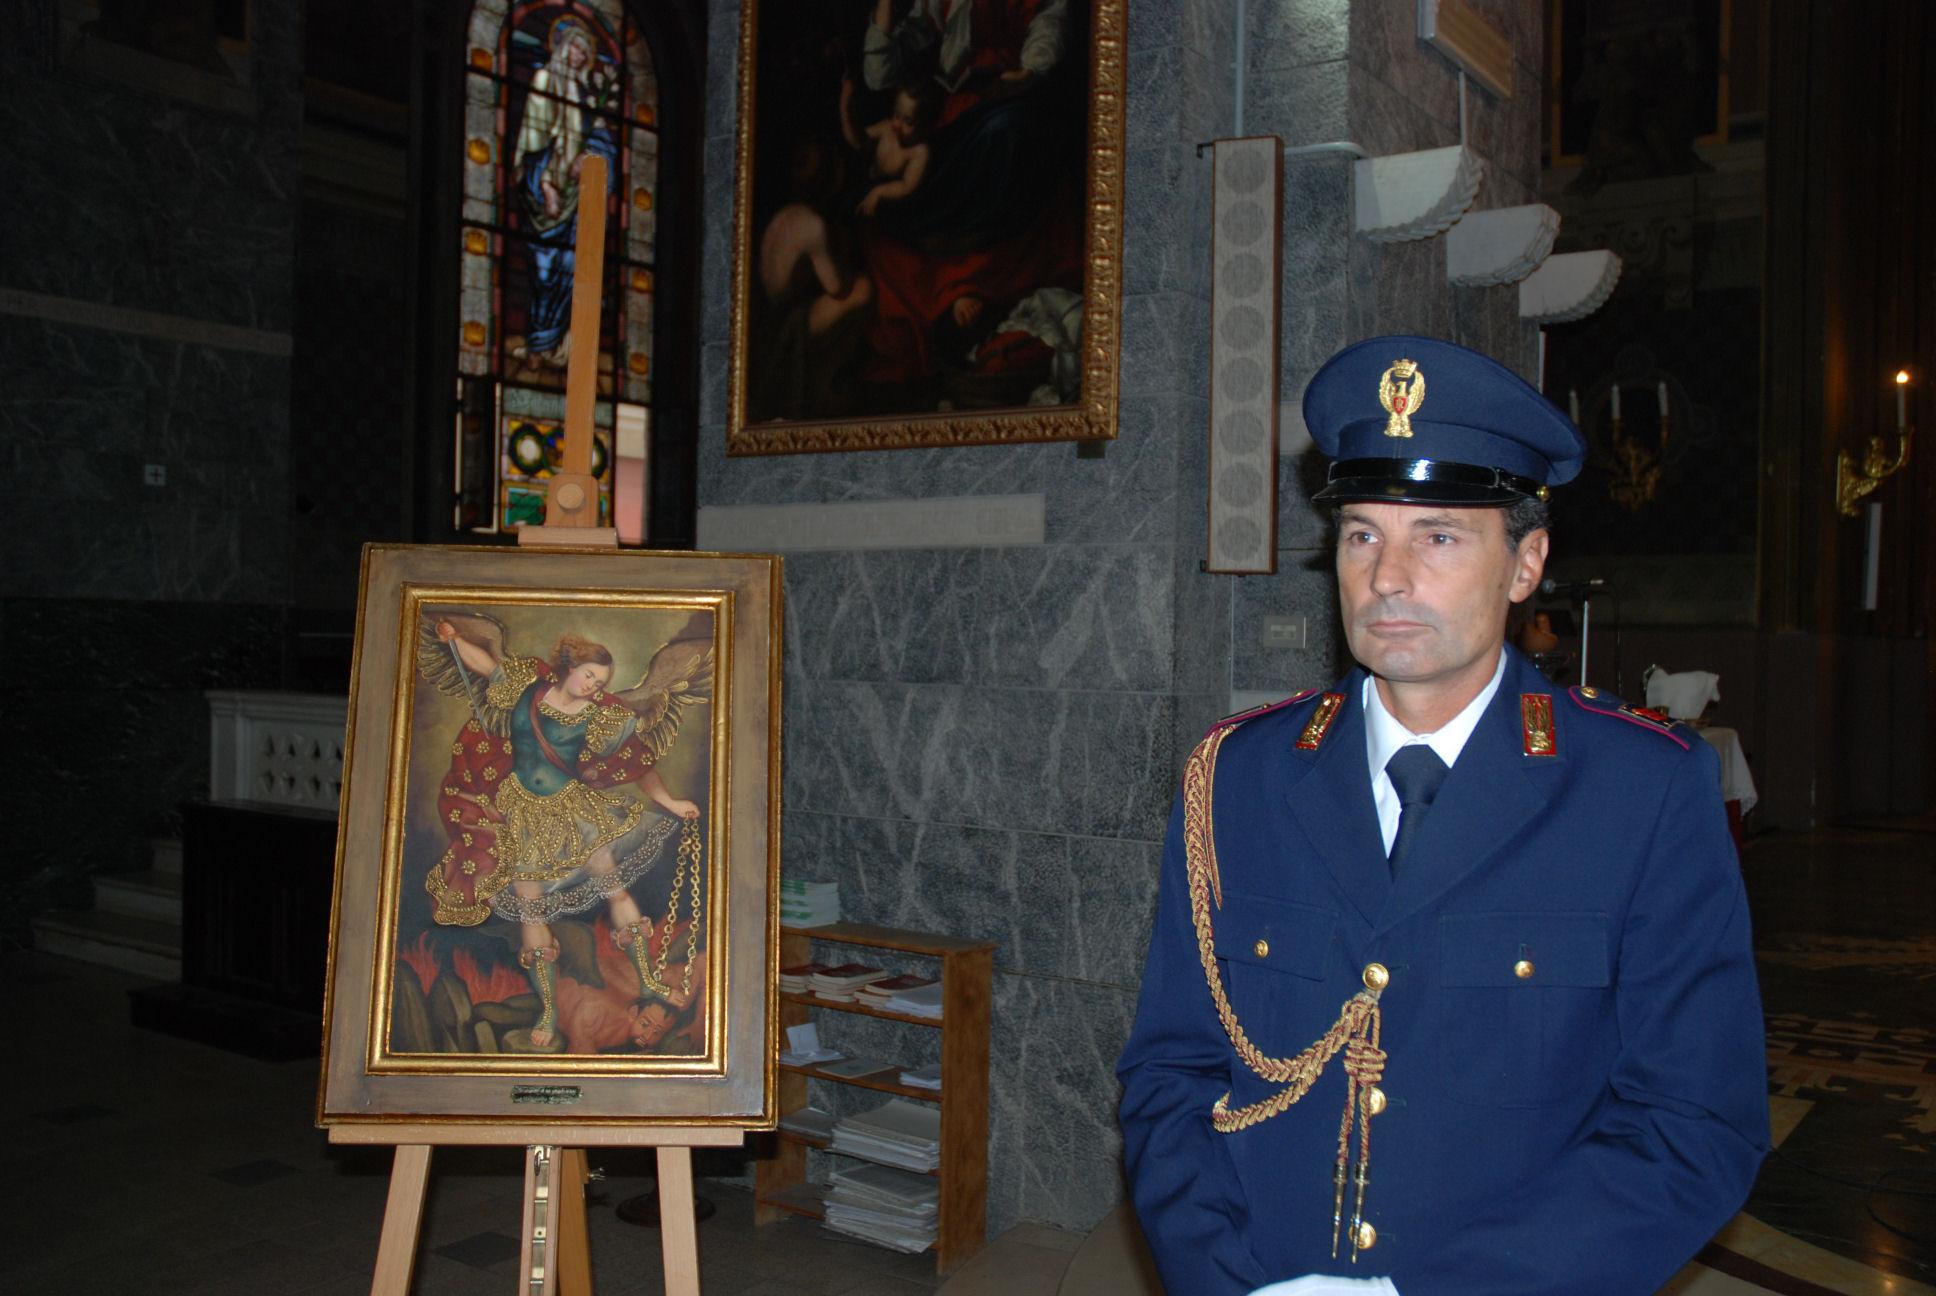 Polizia di stato questure sul web genova for Polizia di stato carta di soggiorno